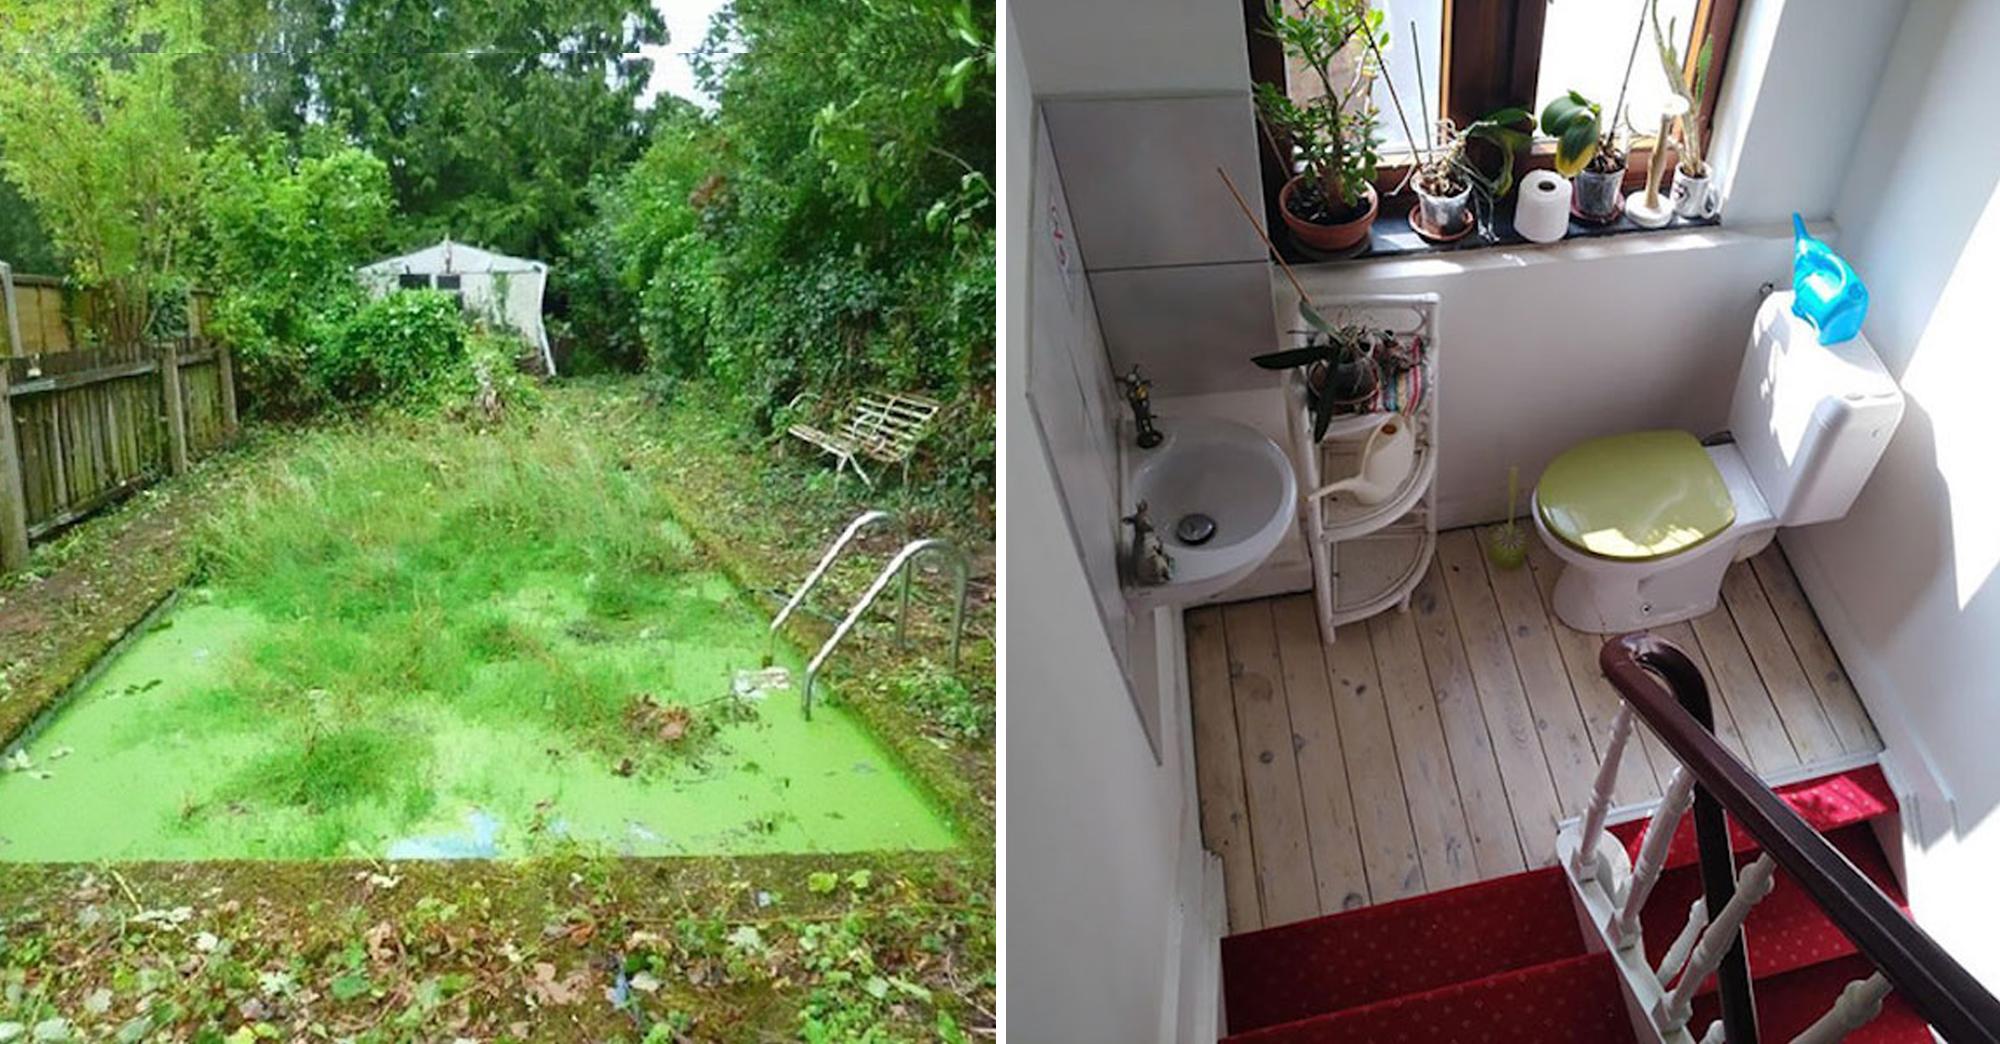 Ce site rassemble les pires photos prises par les agents immobiliers pour promouvoir des biens